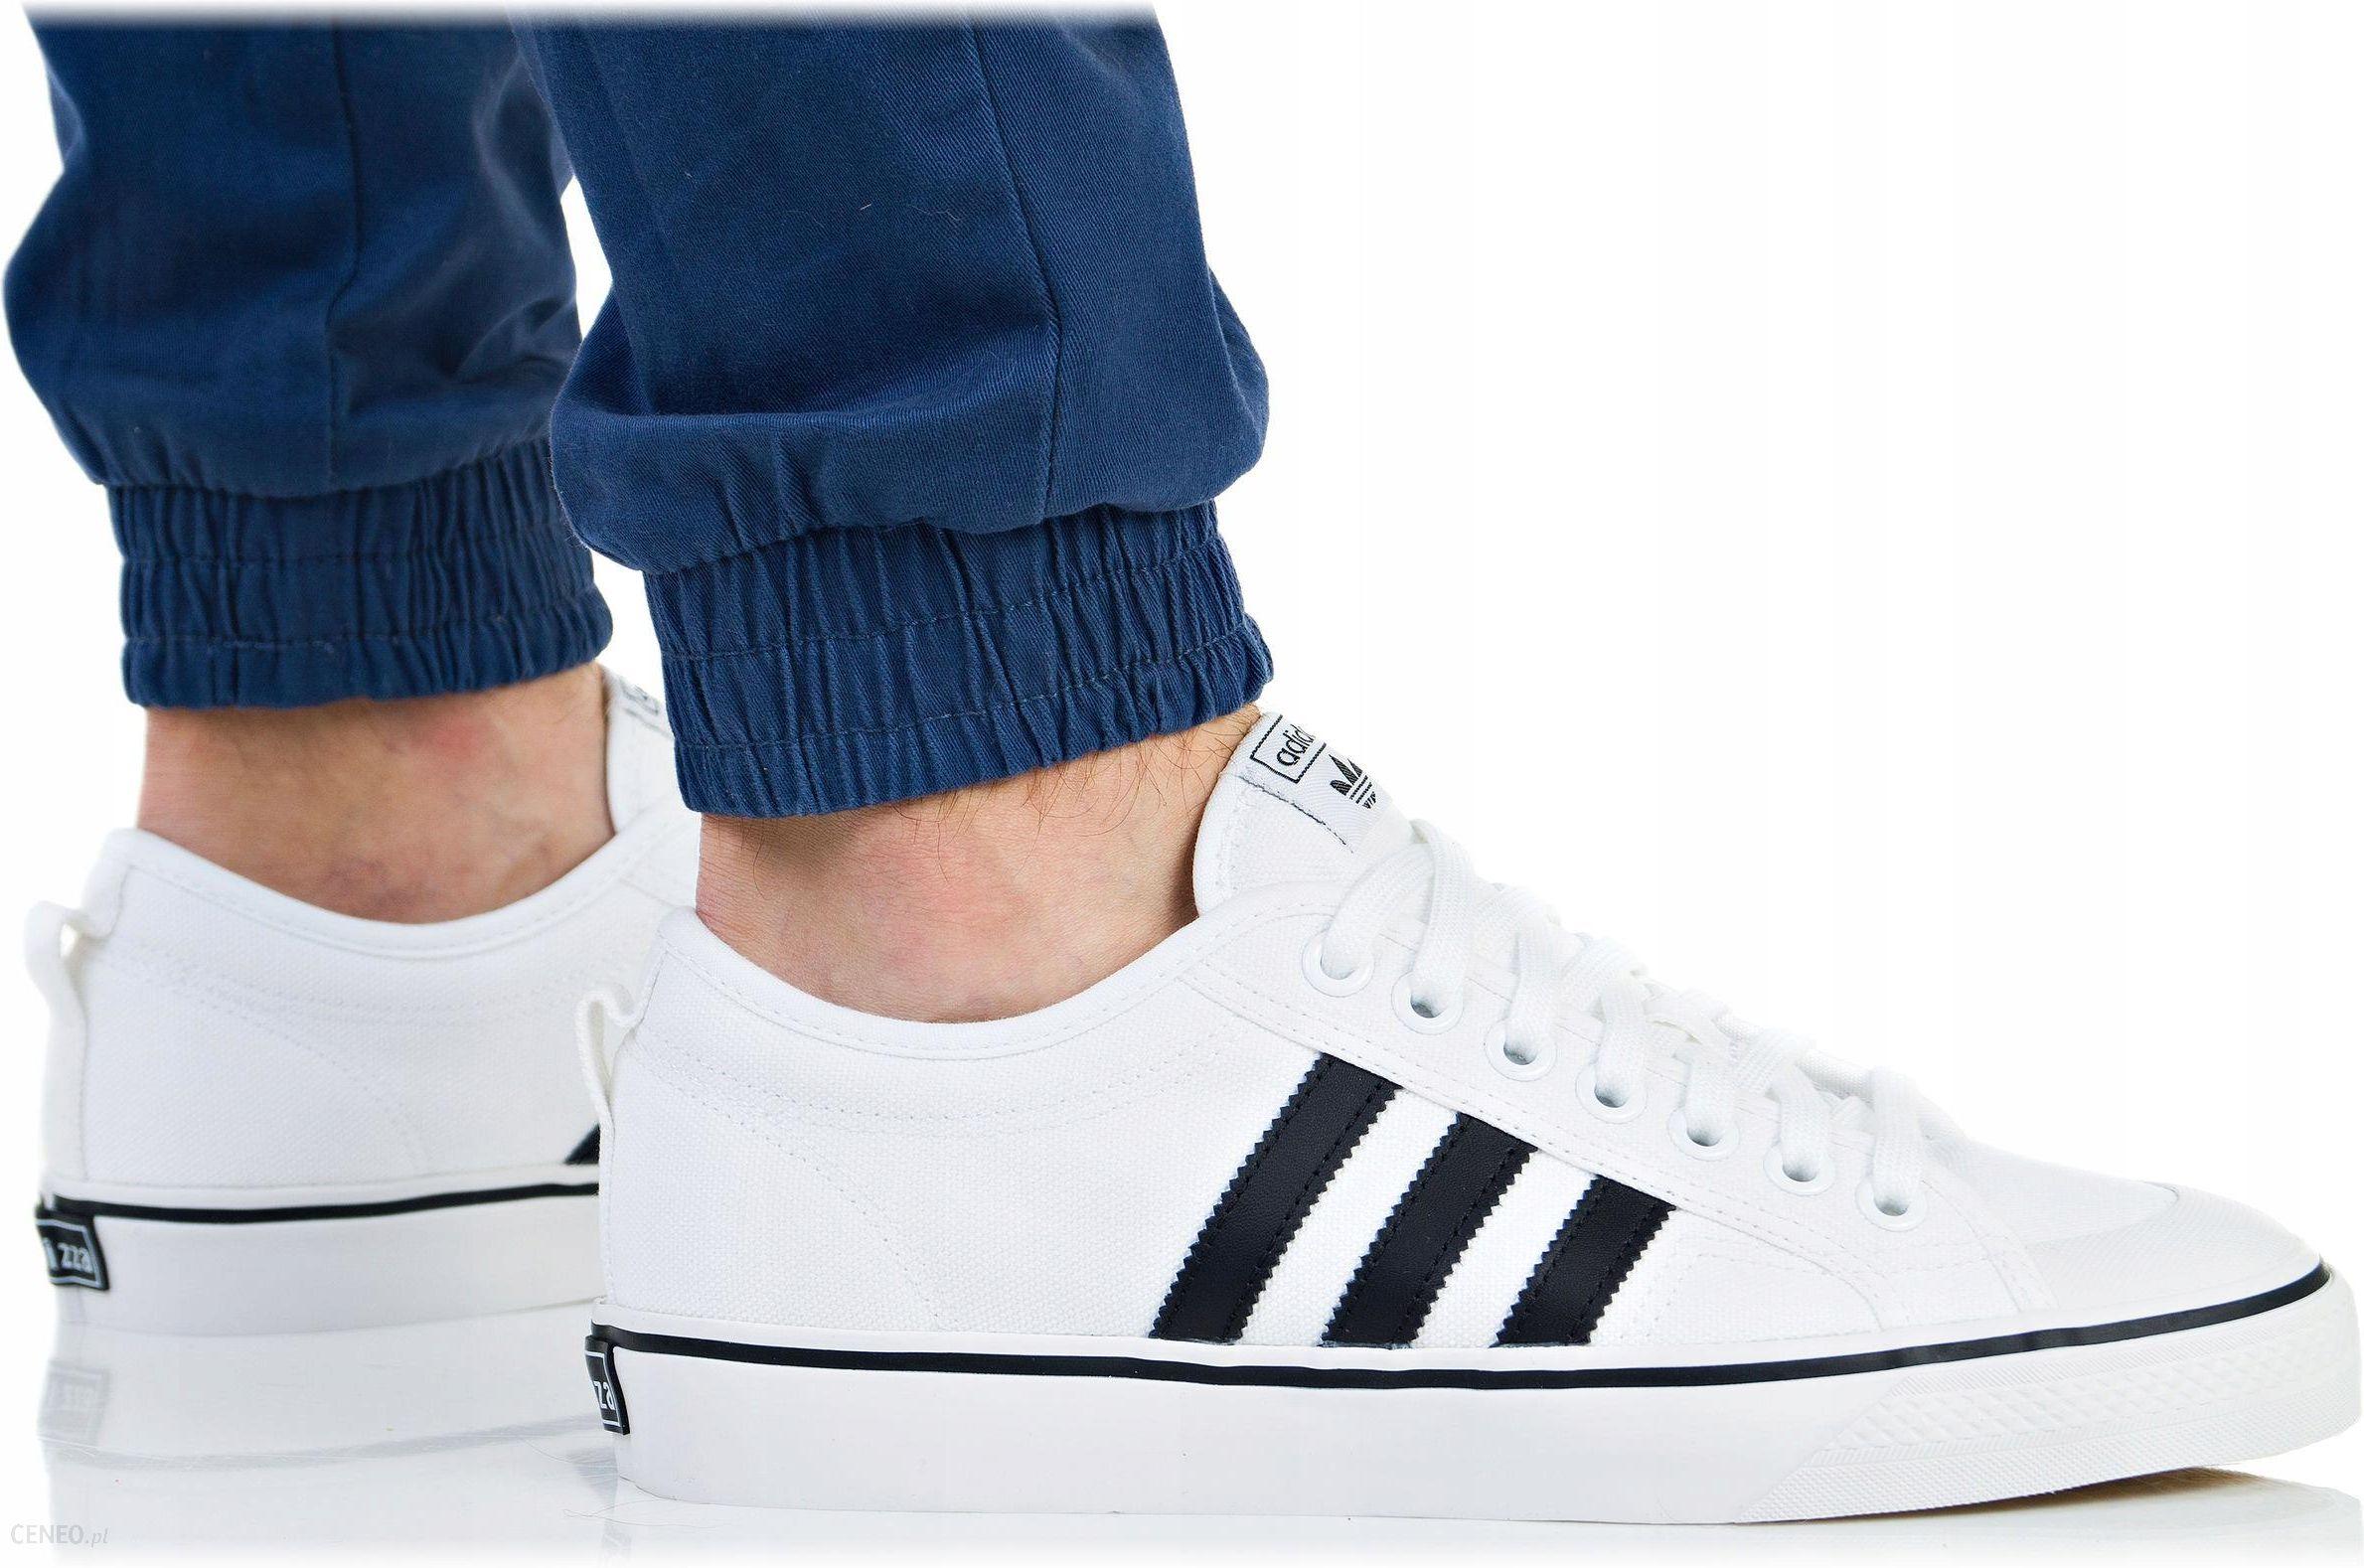 Buty Adidas Nizza AQ1066 Trampki Białe R. 42 Ceny i opinie Ceneo.pl